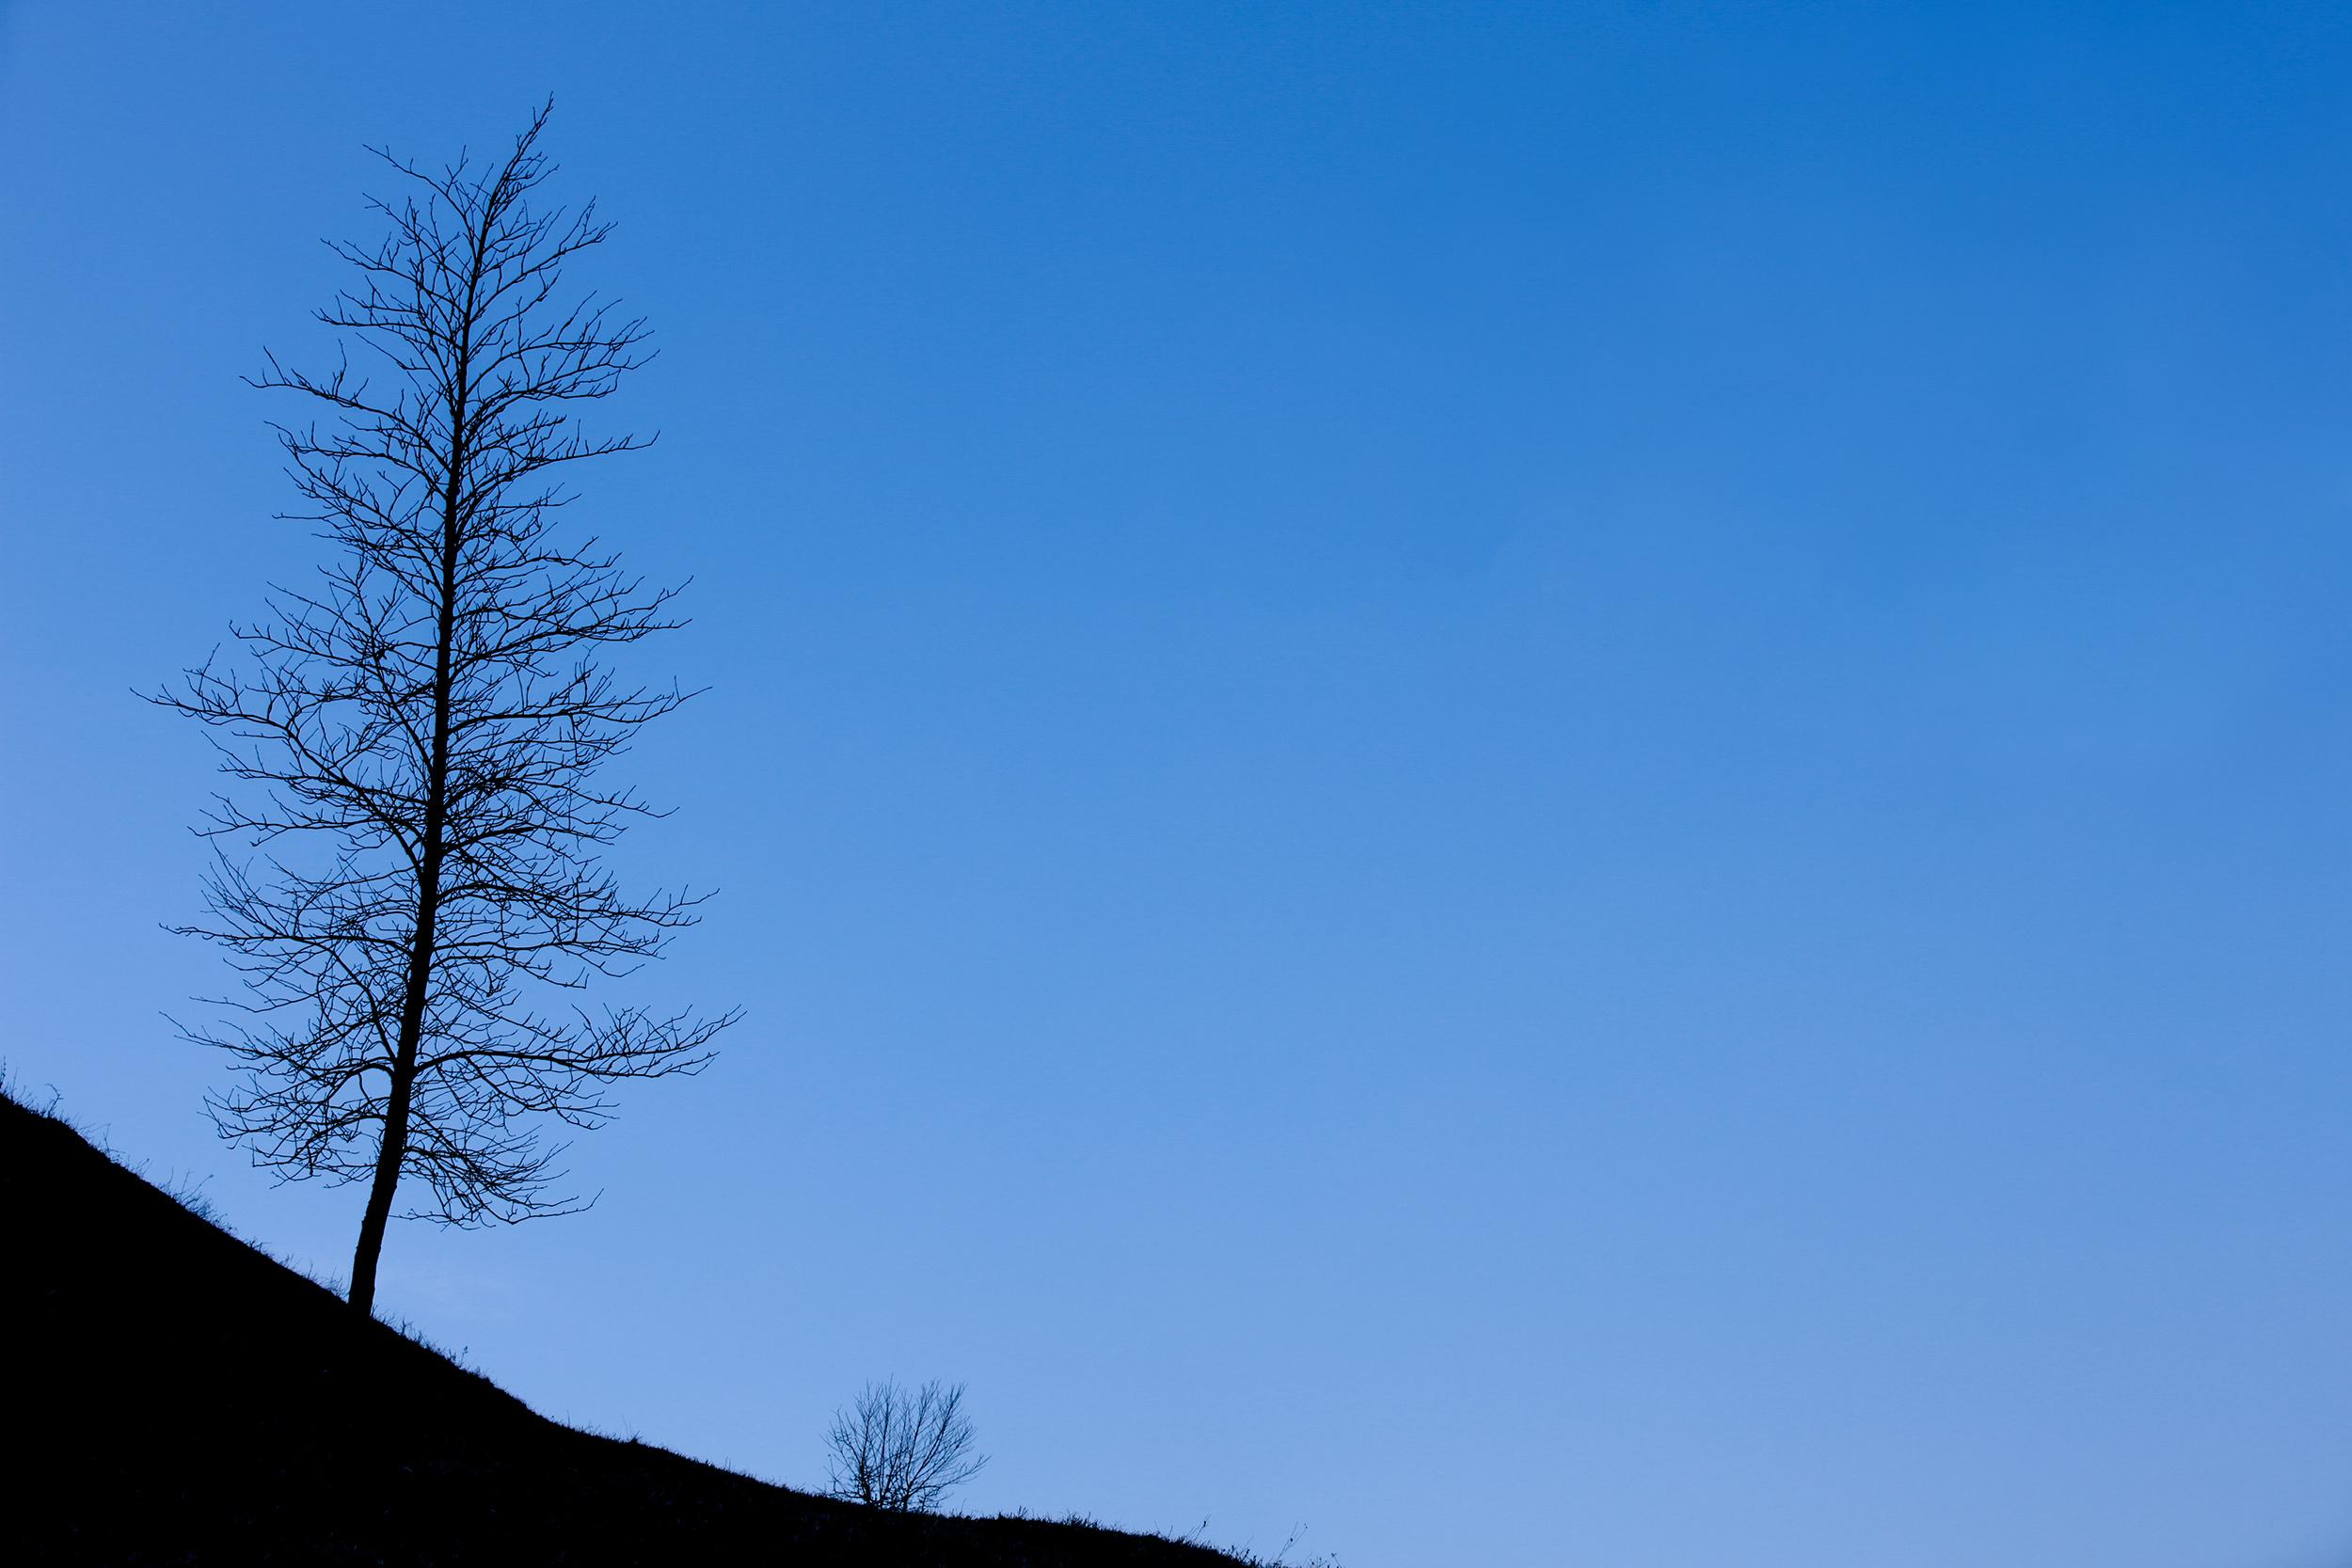 Reliefaufnahme eines Baumes.